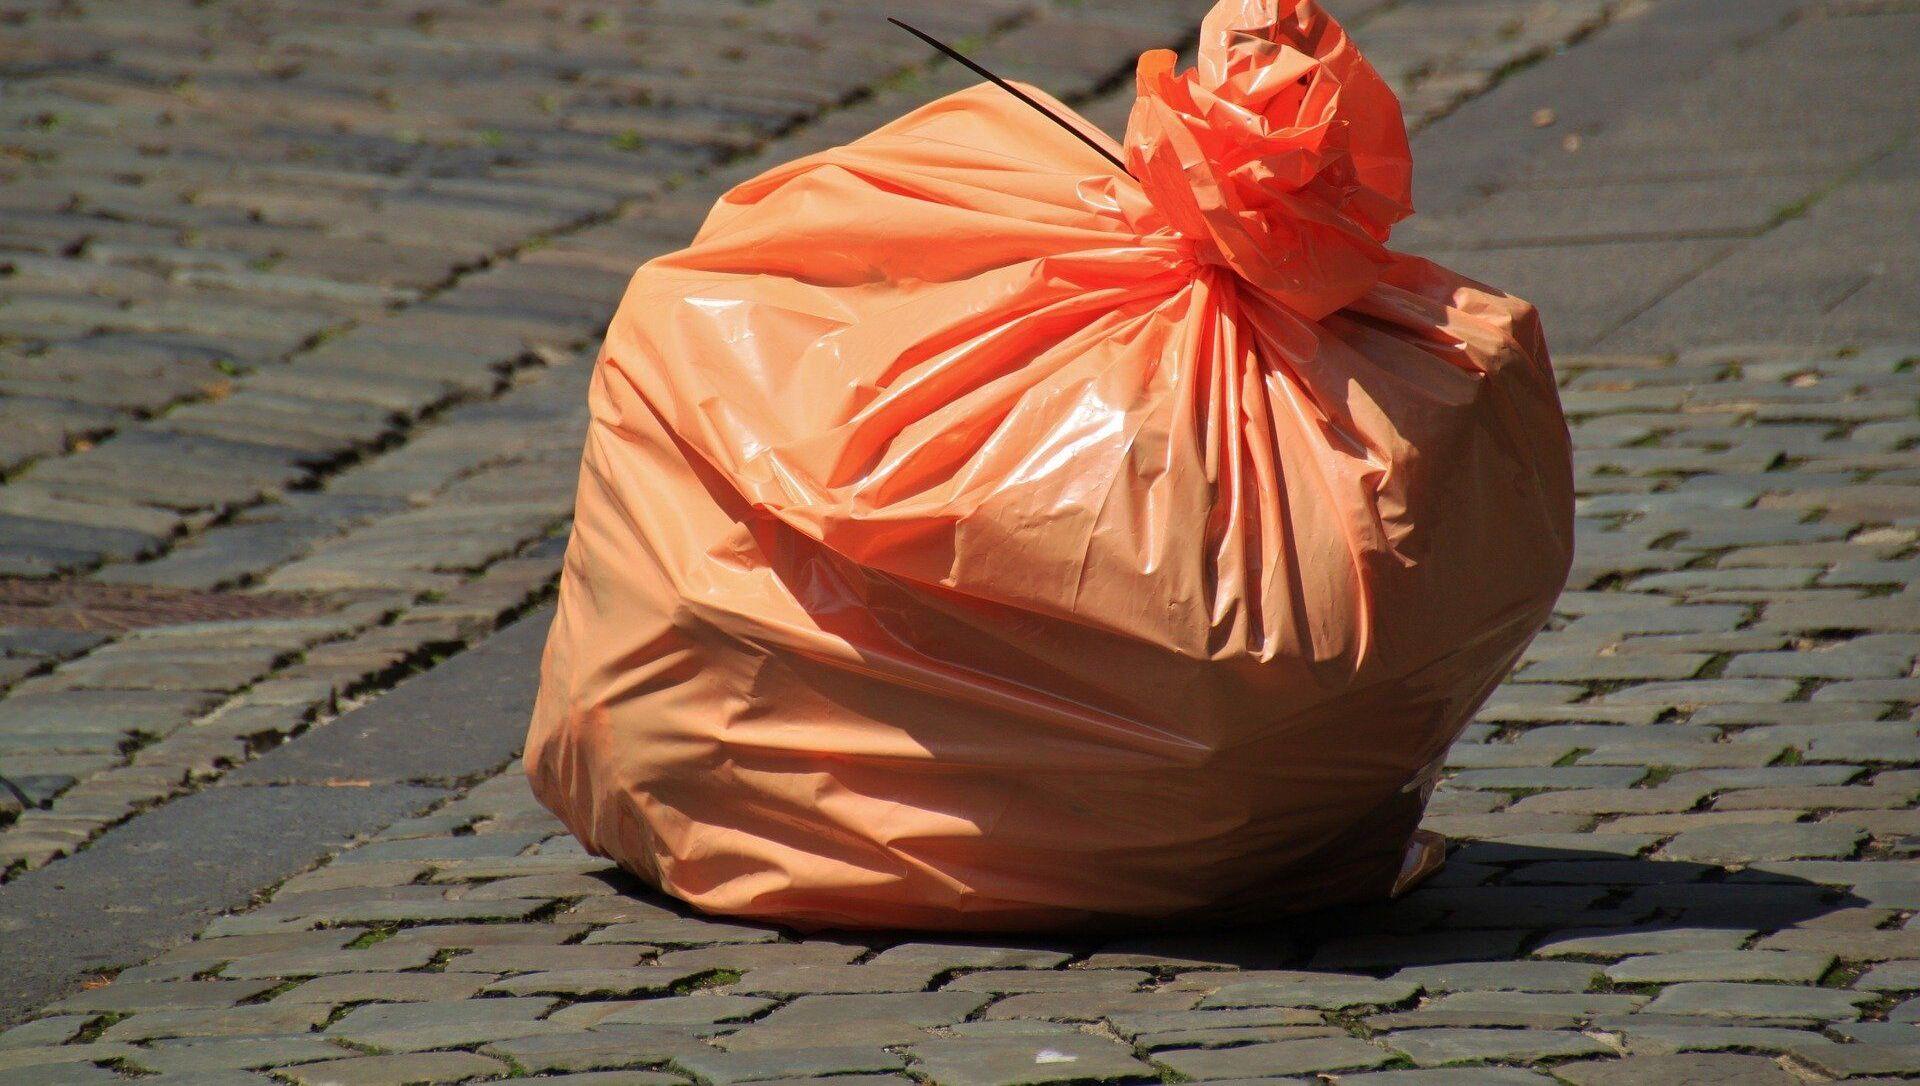 sac de déchets dans la rue - Sputnik France, 1920, 06.08.2021